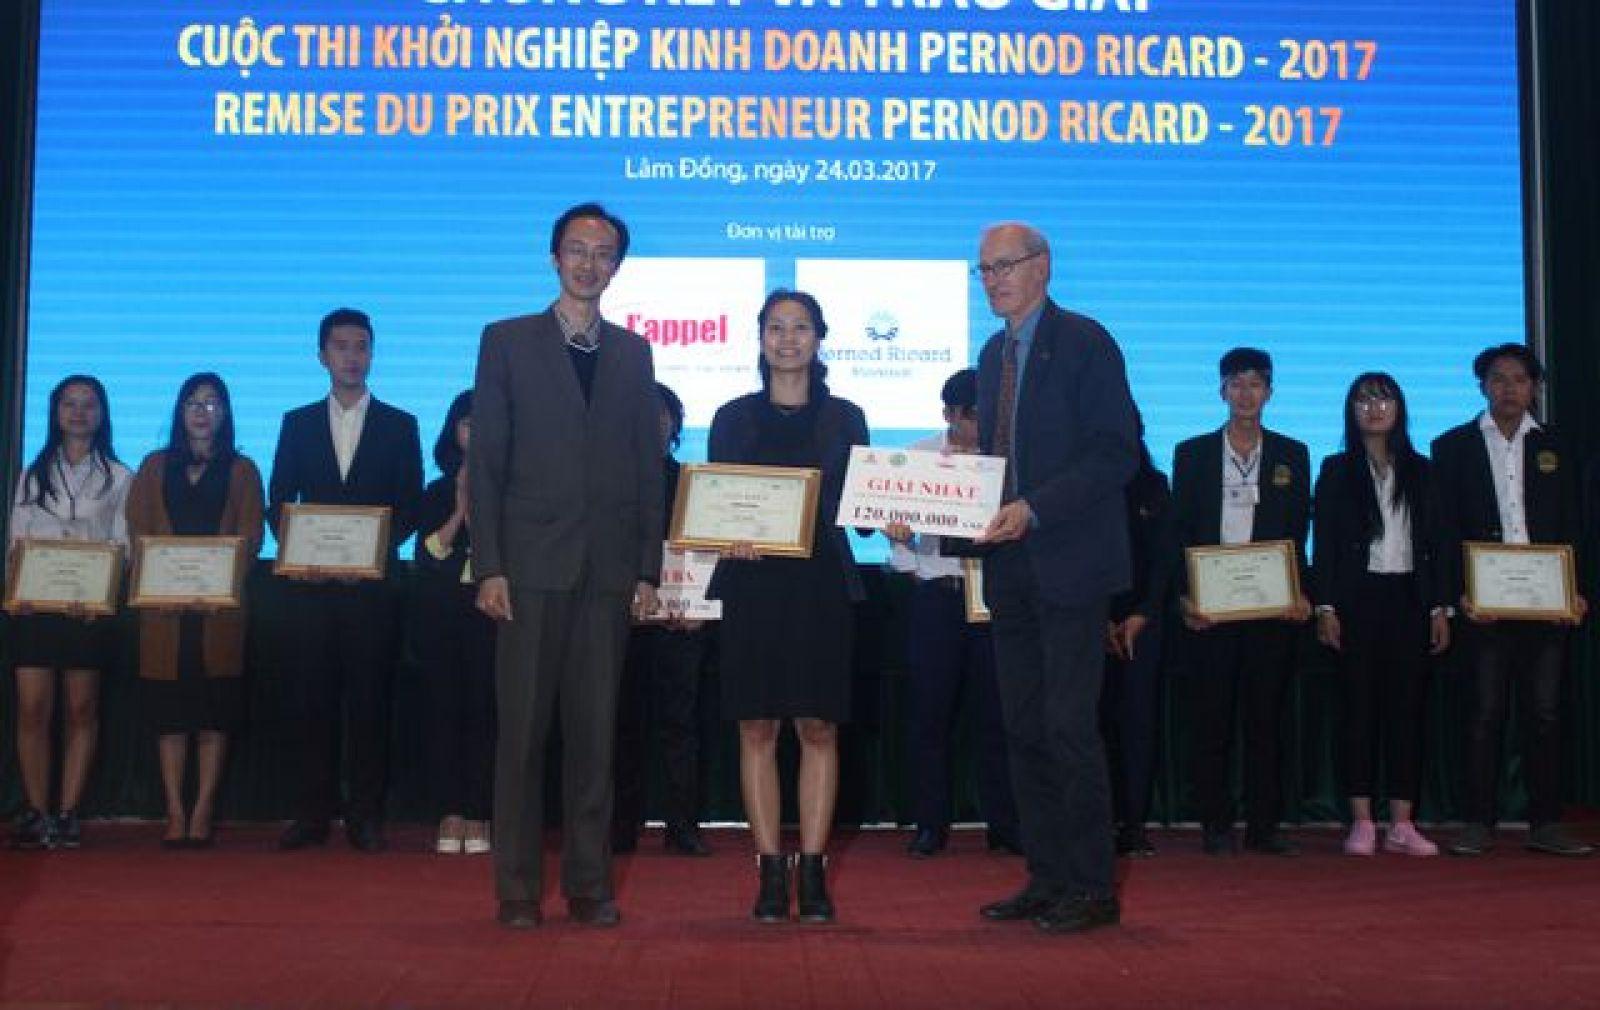 Nguyễn Thị Bích Trâm (giữa) đã giành được phần thưởng cao nhất với dự án